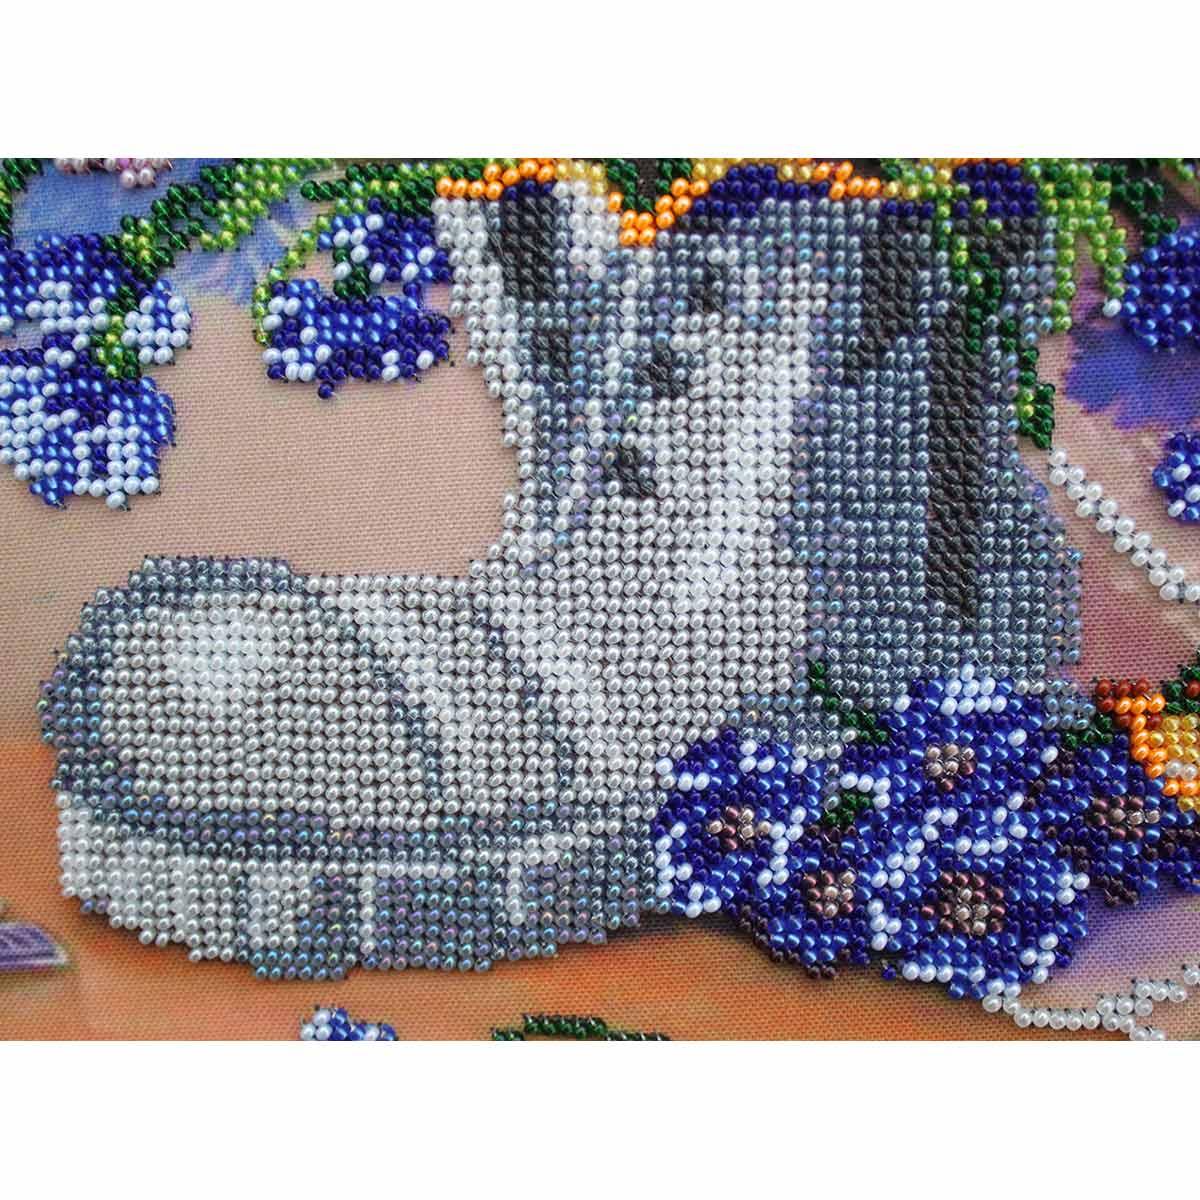 """Набор для вышивания бисером БН-3137 """"Башмачок с васильками"""", 35х28 см, Hobby&Pro"""